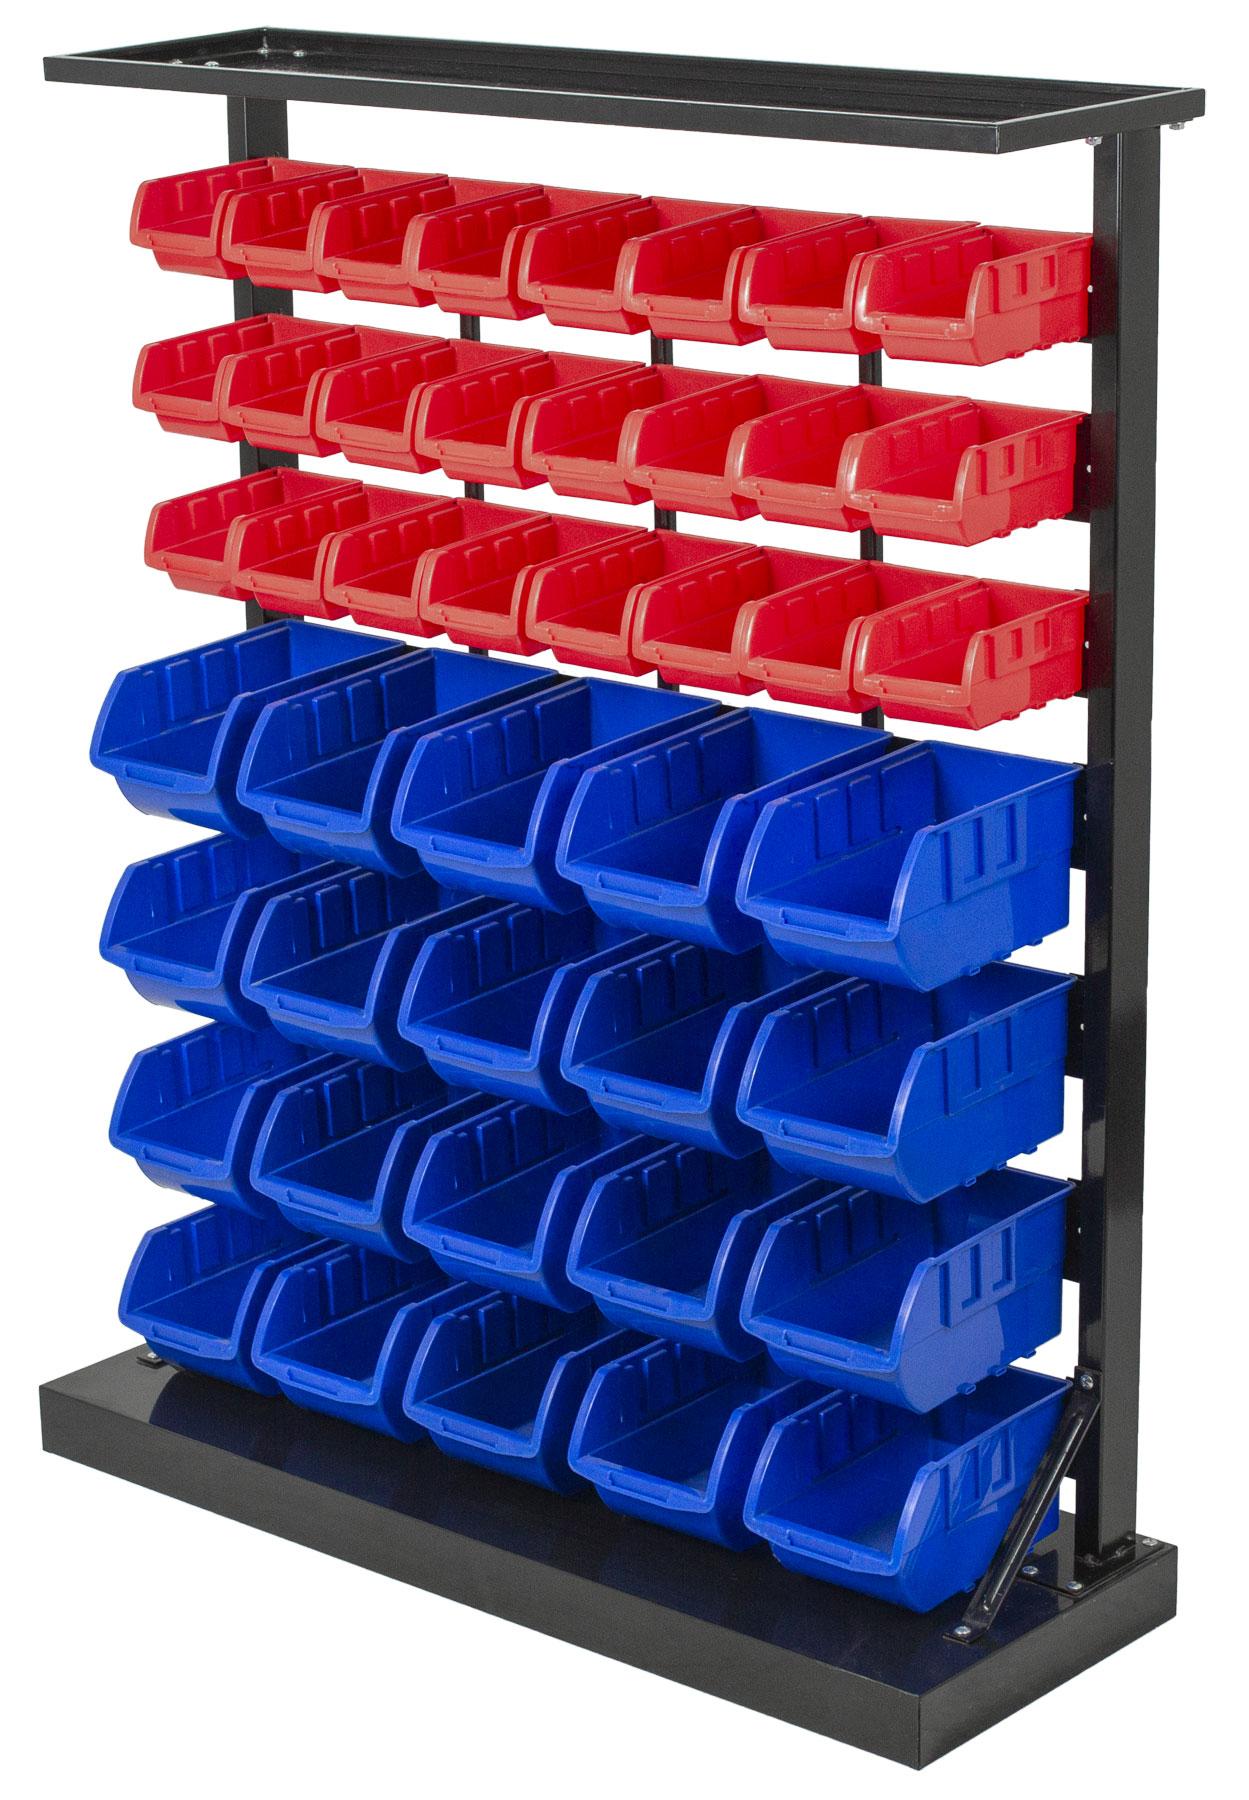 Kovový regál s plastovými boxy 47 ks (7/47) - SBRF3447